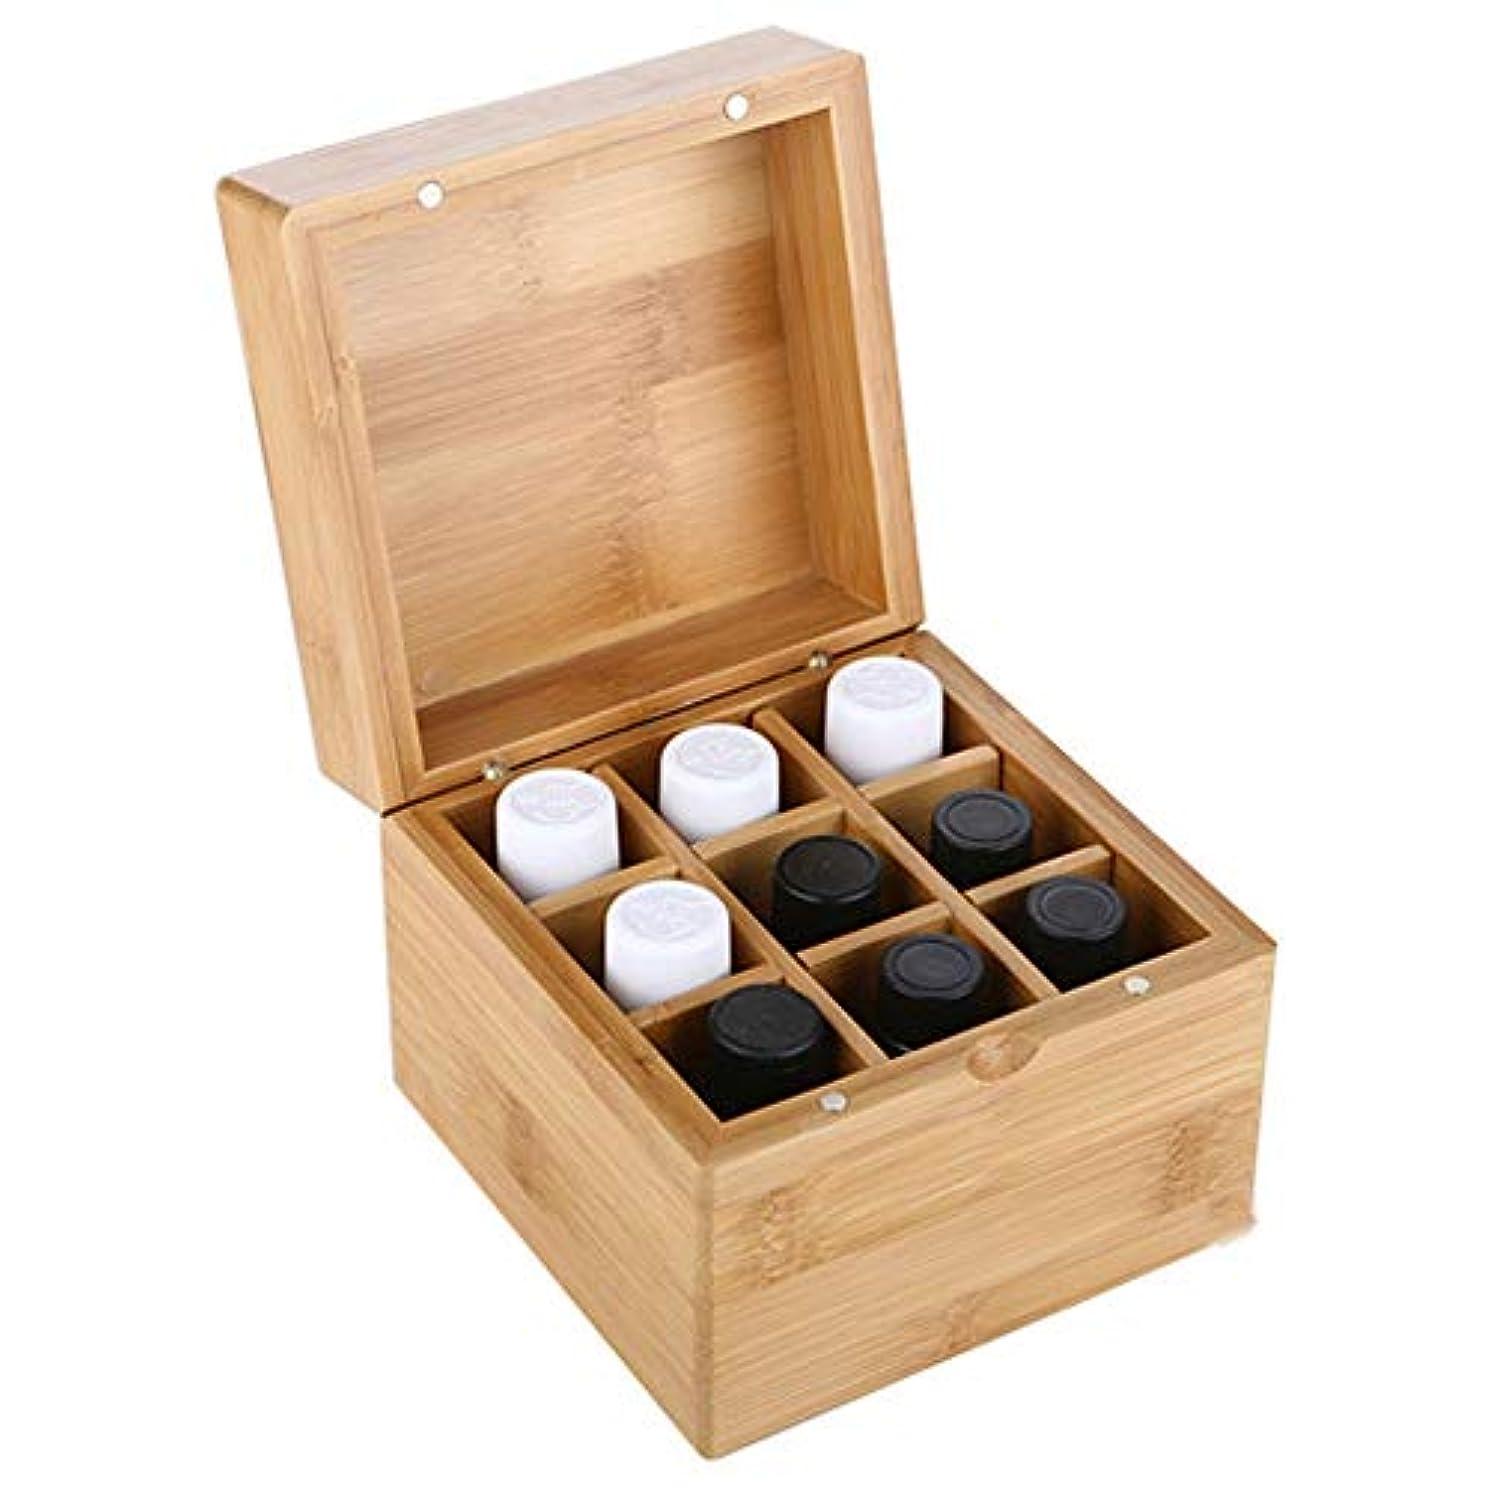 スペースパワークリスマスアロマセラピー収納ボックス あなたの油のセキュリティスロット9オイルボックス木製収納ボックスの保護 エッセンシャルオイル収納ボックス (色 : Natural, サイズ : 11.5X11.5X8.3CM)